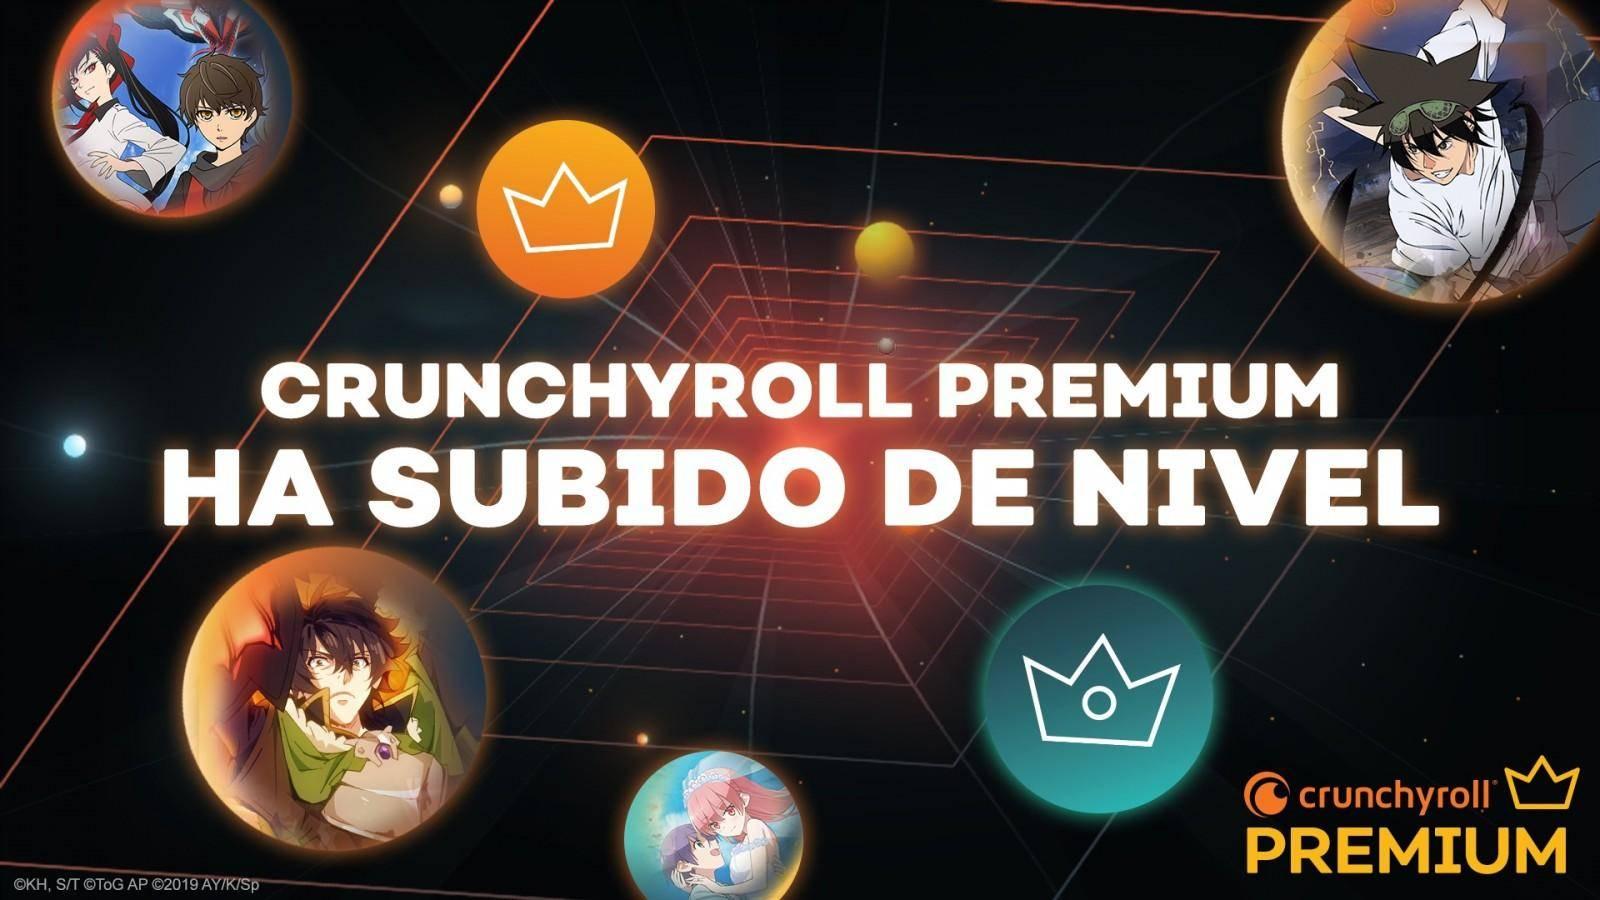 Crunchyroll tendrá nuevos niveles de suscripción, ahora podrás bajar tus episodios favoritos con Premium 1